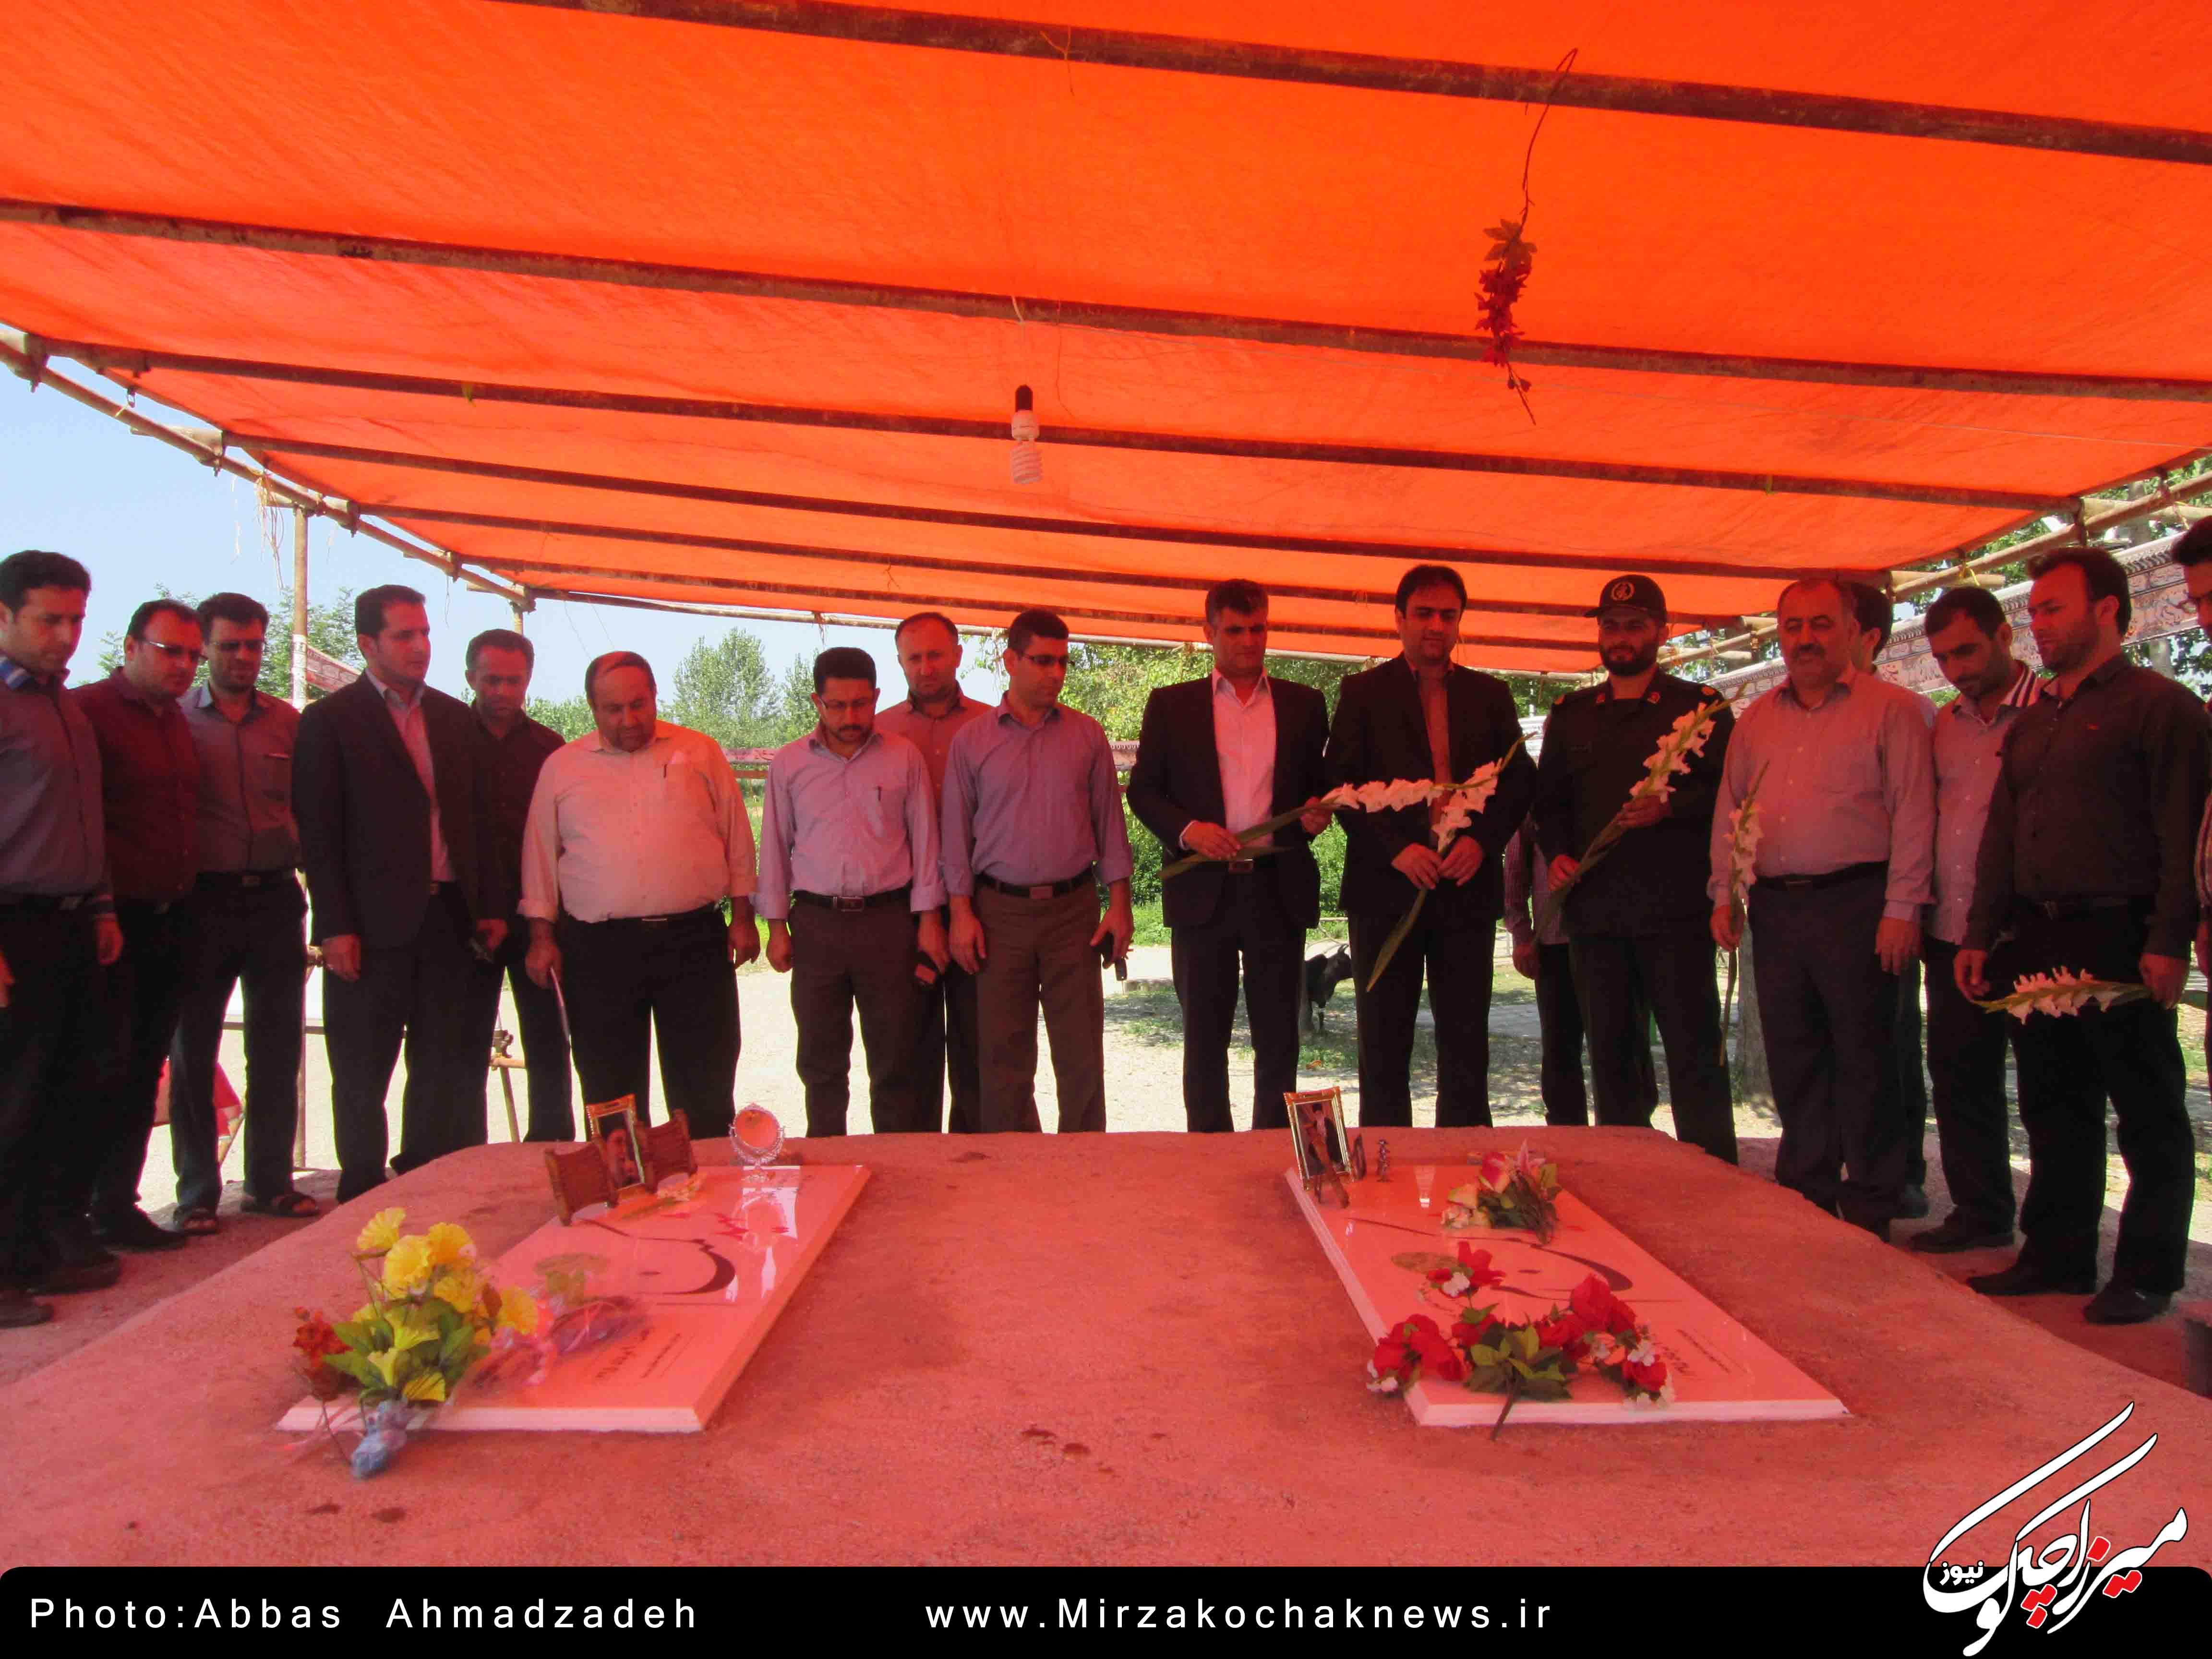 مراسم گلباران مزار شهدای شهر گوراب زرمیخ برگزار شد